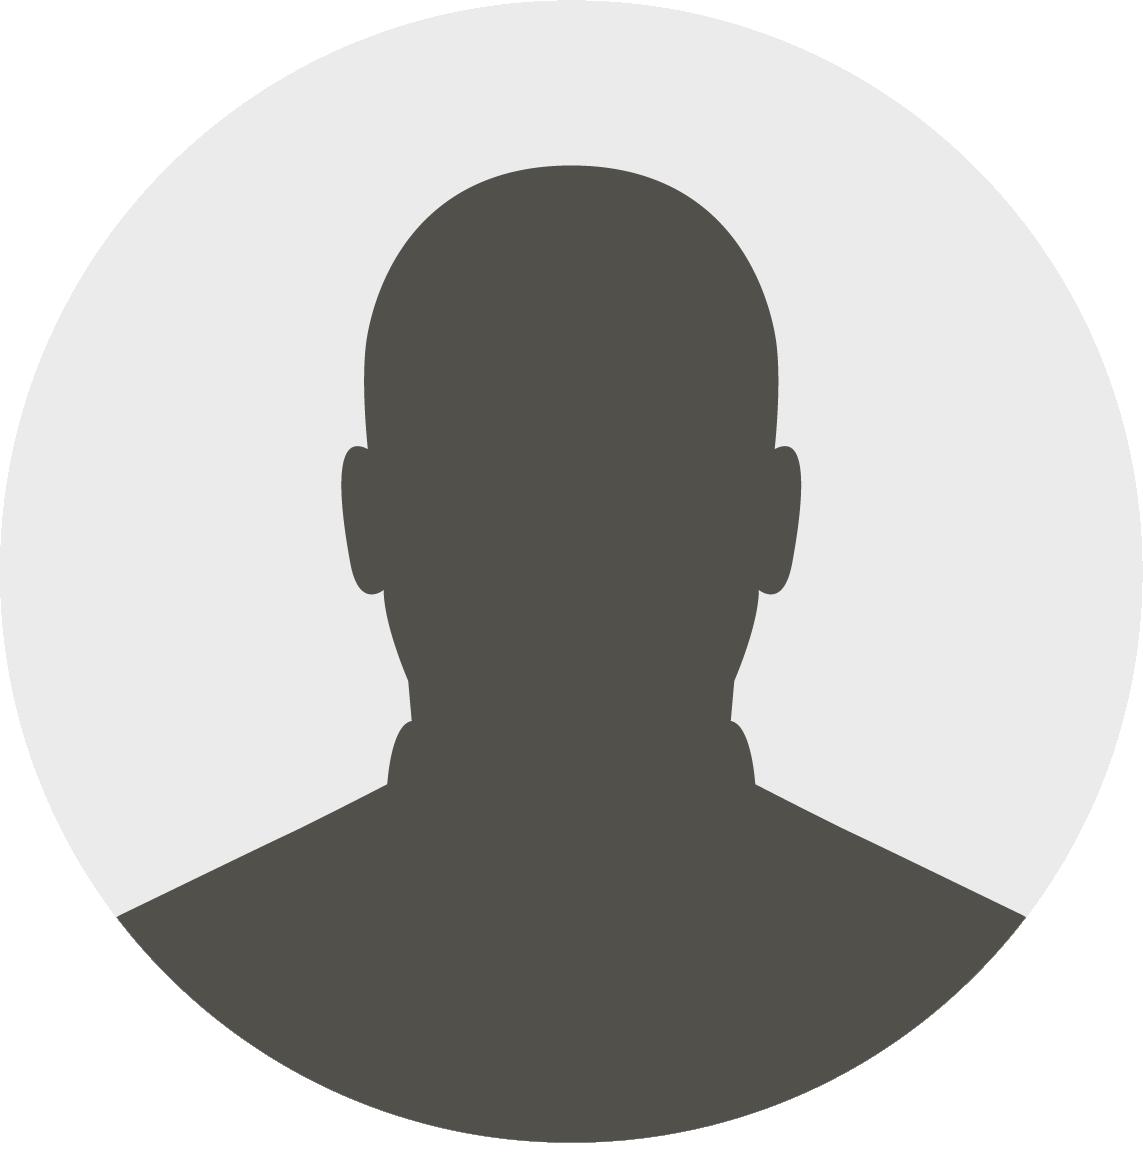 Michael Igbojionu